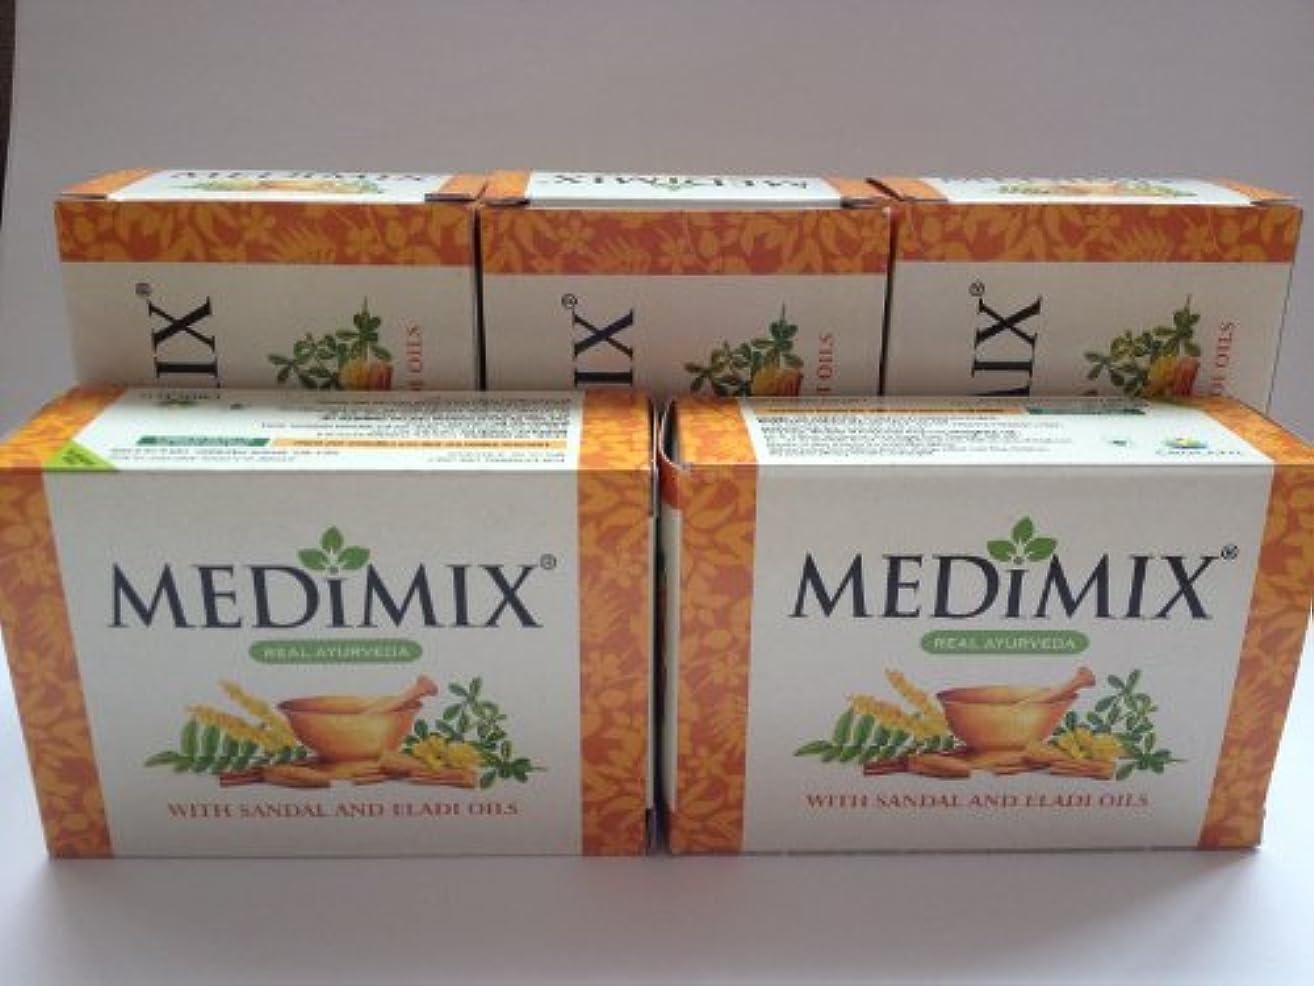 本会議仕事に行くわずかな美白 シミ ニキビ 対策!MEDIMIX ソープ メディミックス アーユルヴェーダ石鹸、サンダルウッド 【5個セット】並行輸入品